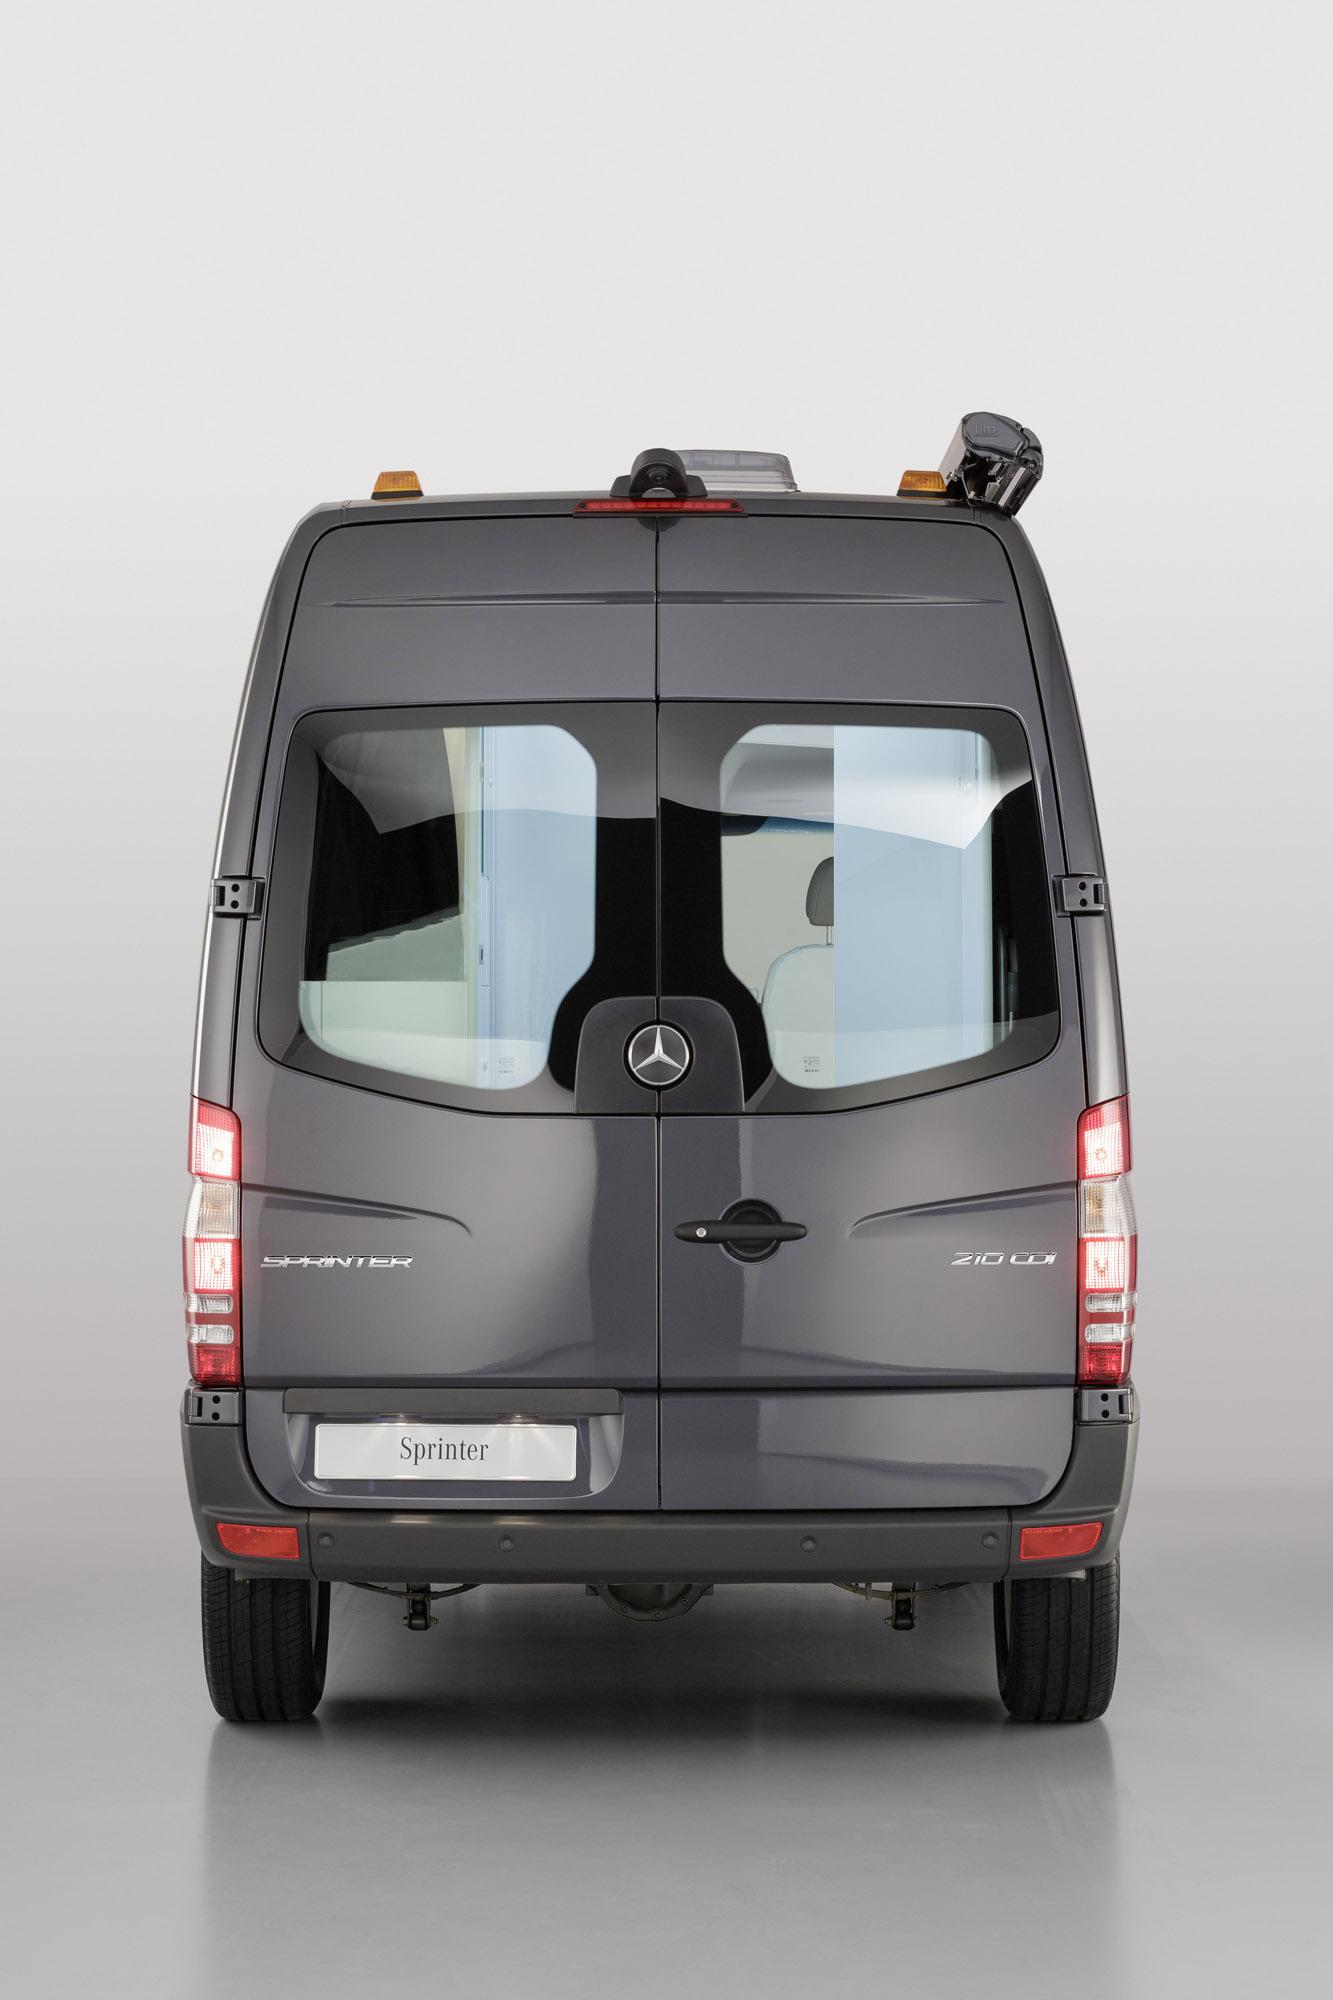 Mercedes Benz Sprinter Caravan Concept Safer Cleaner